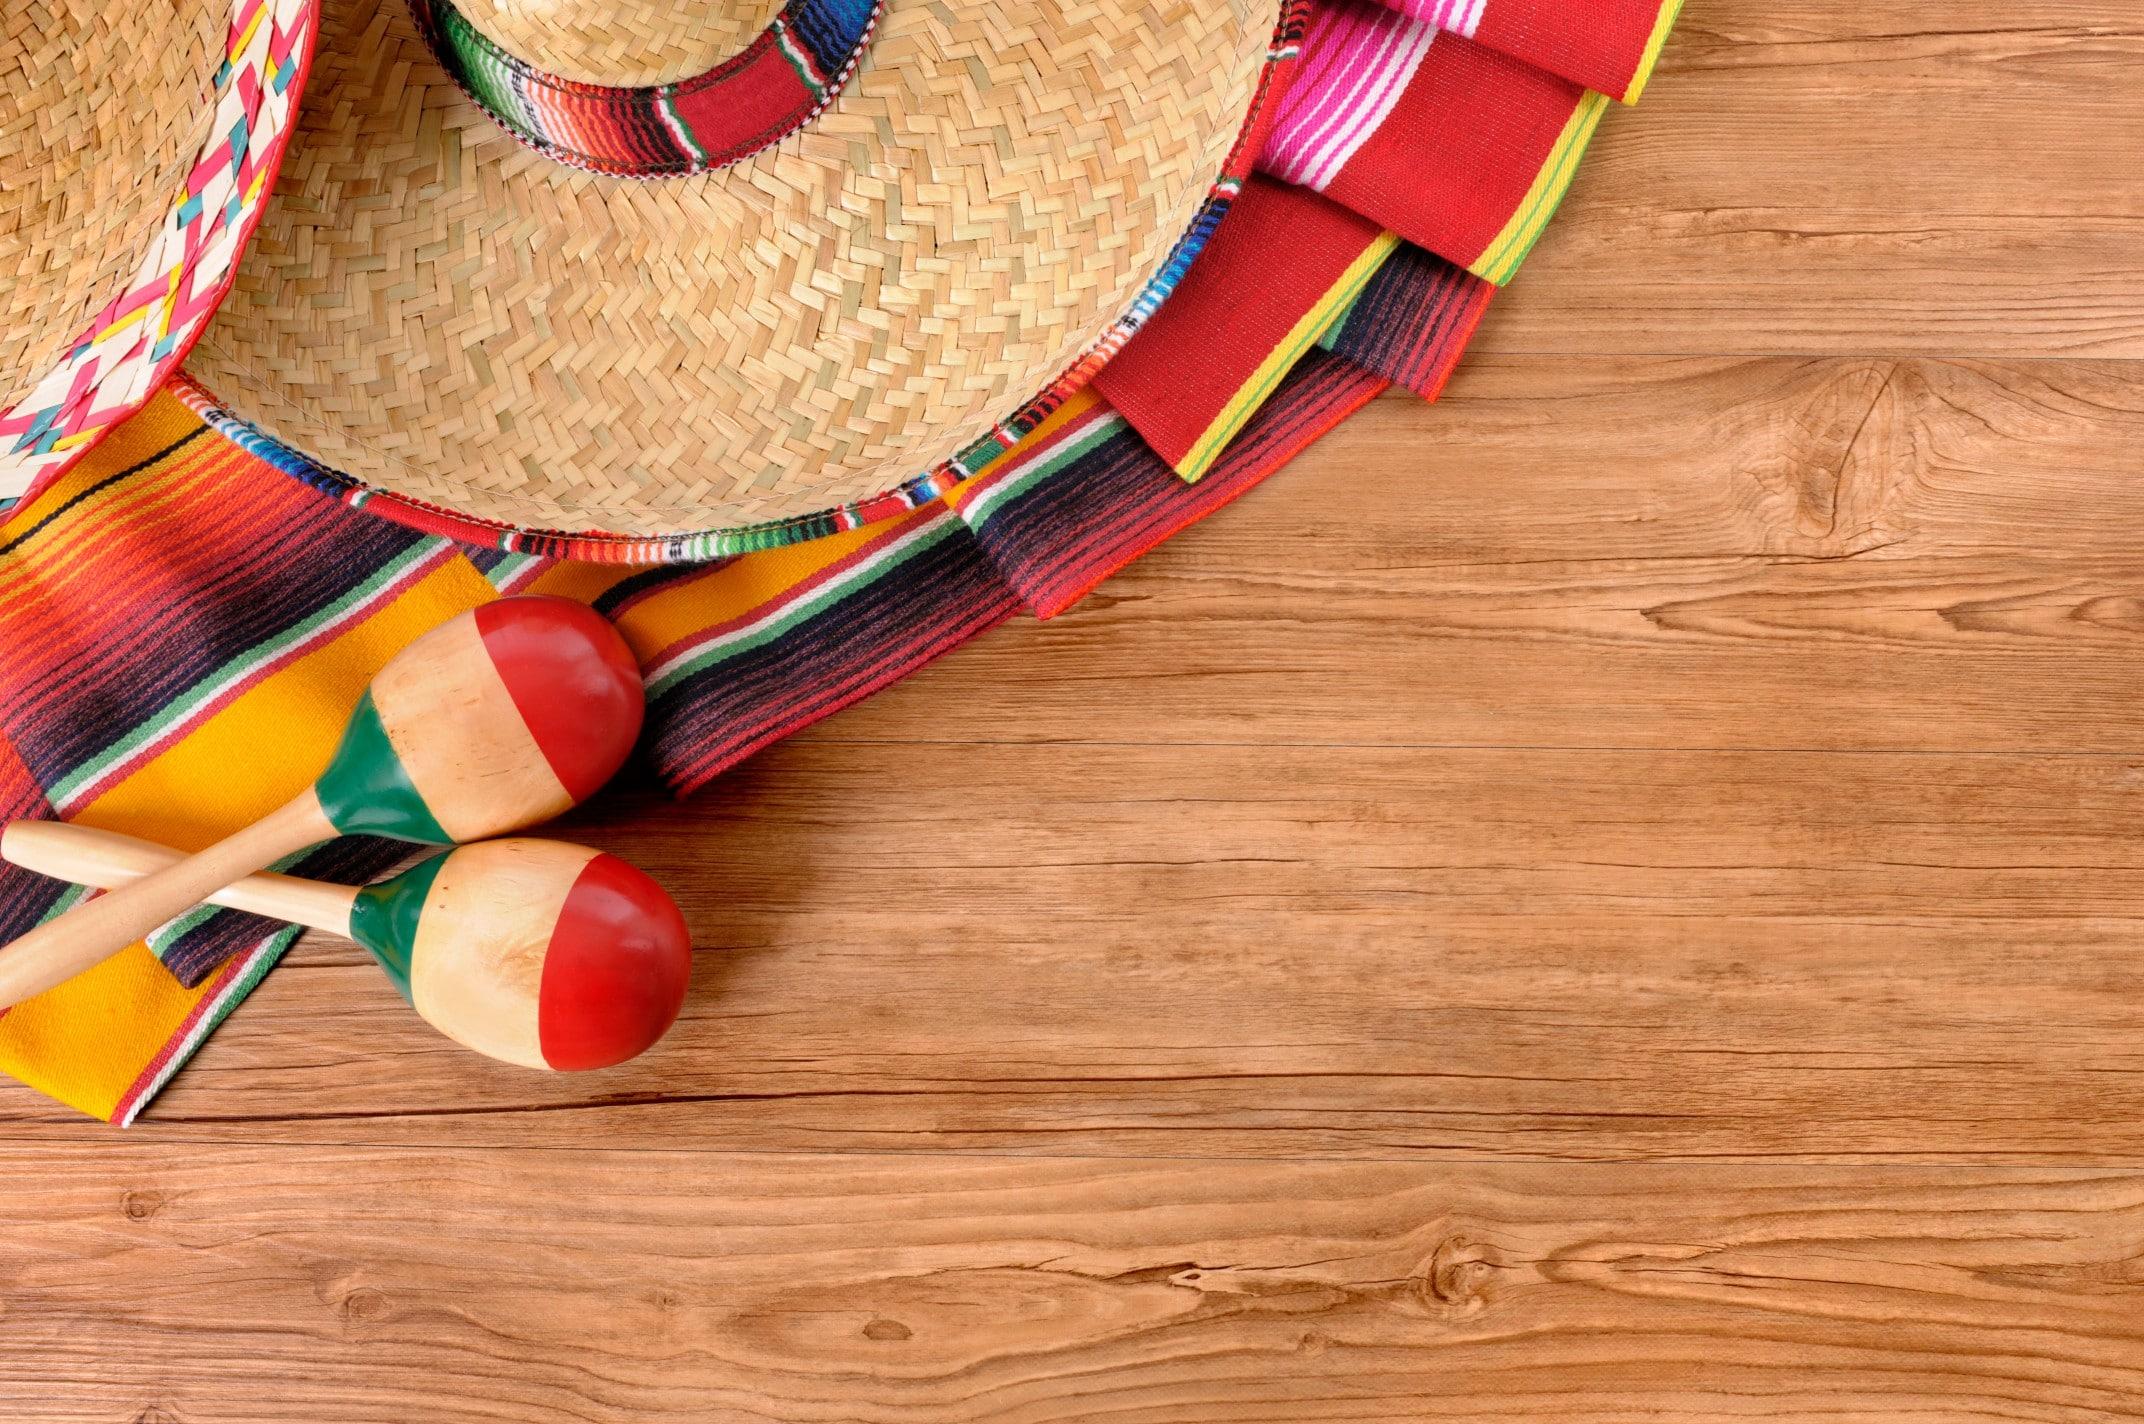 מסיבות קונספט מקסיקניות מבית מסיבלנד